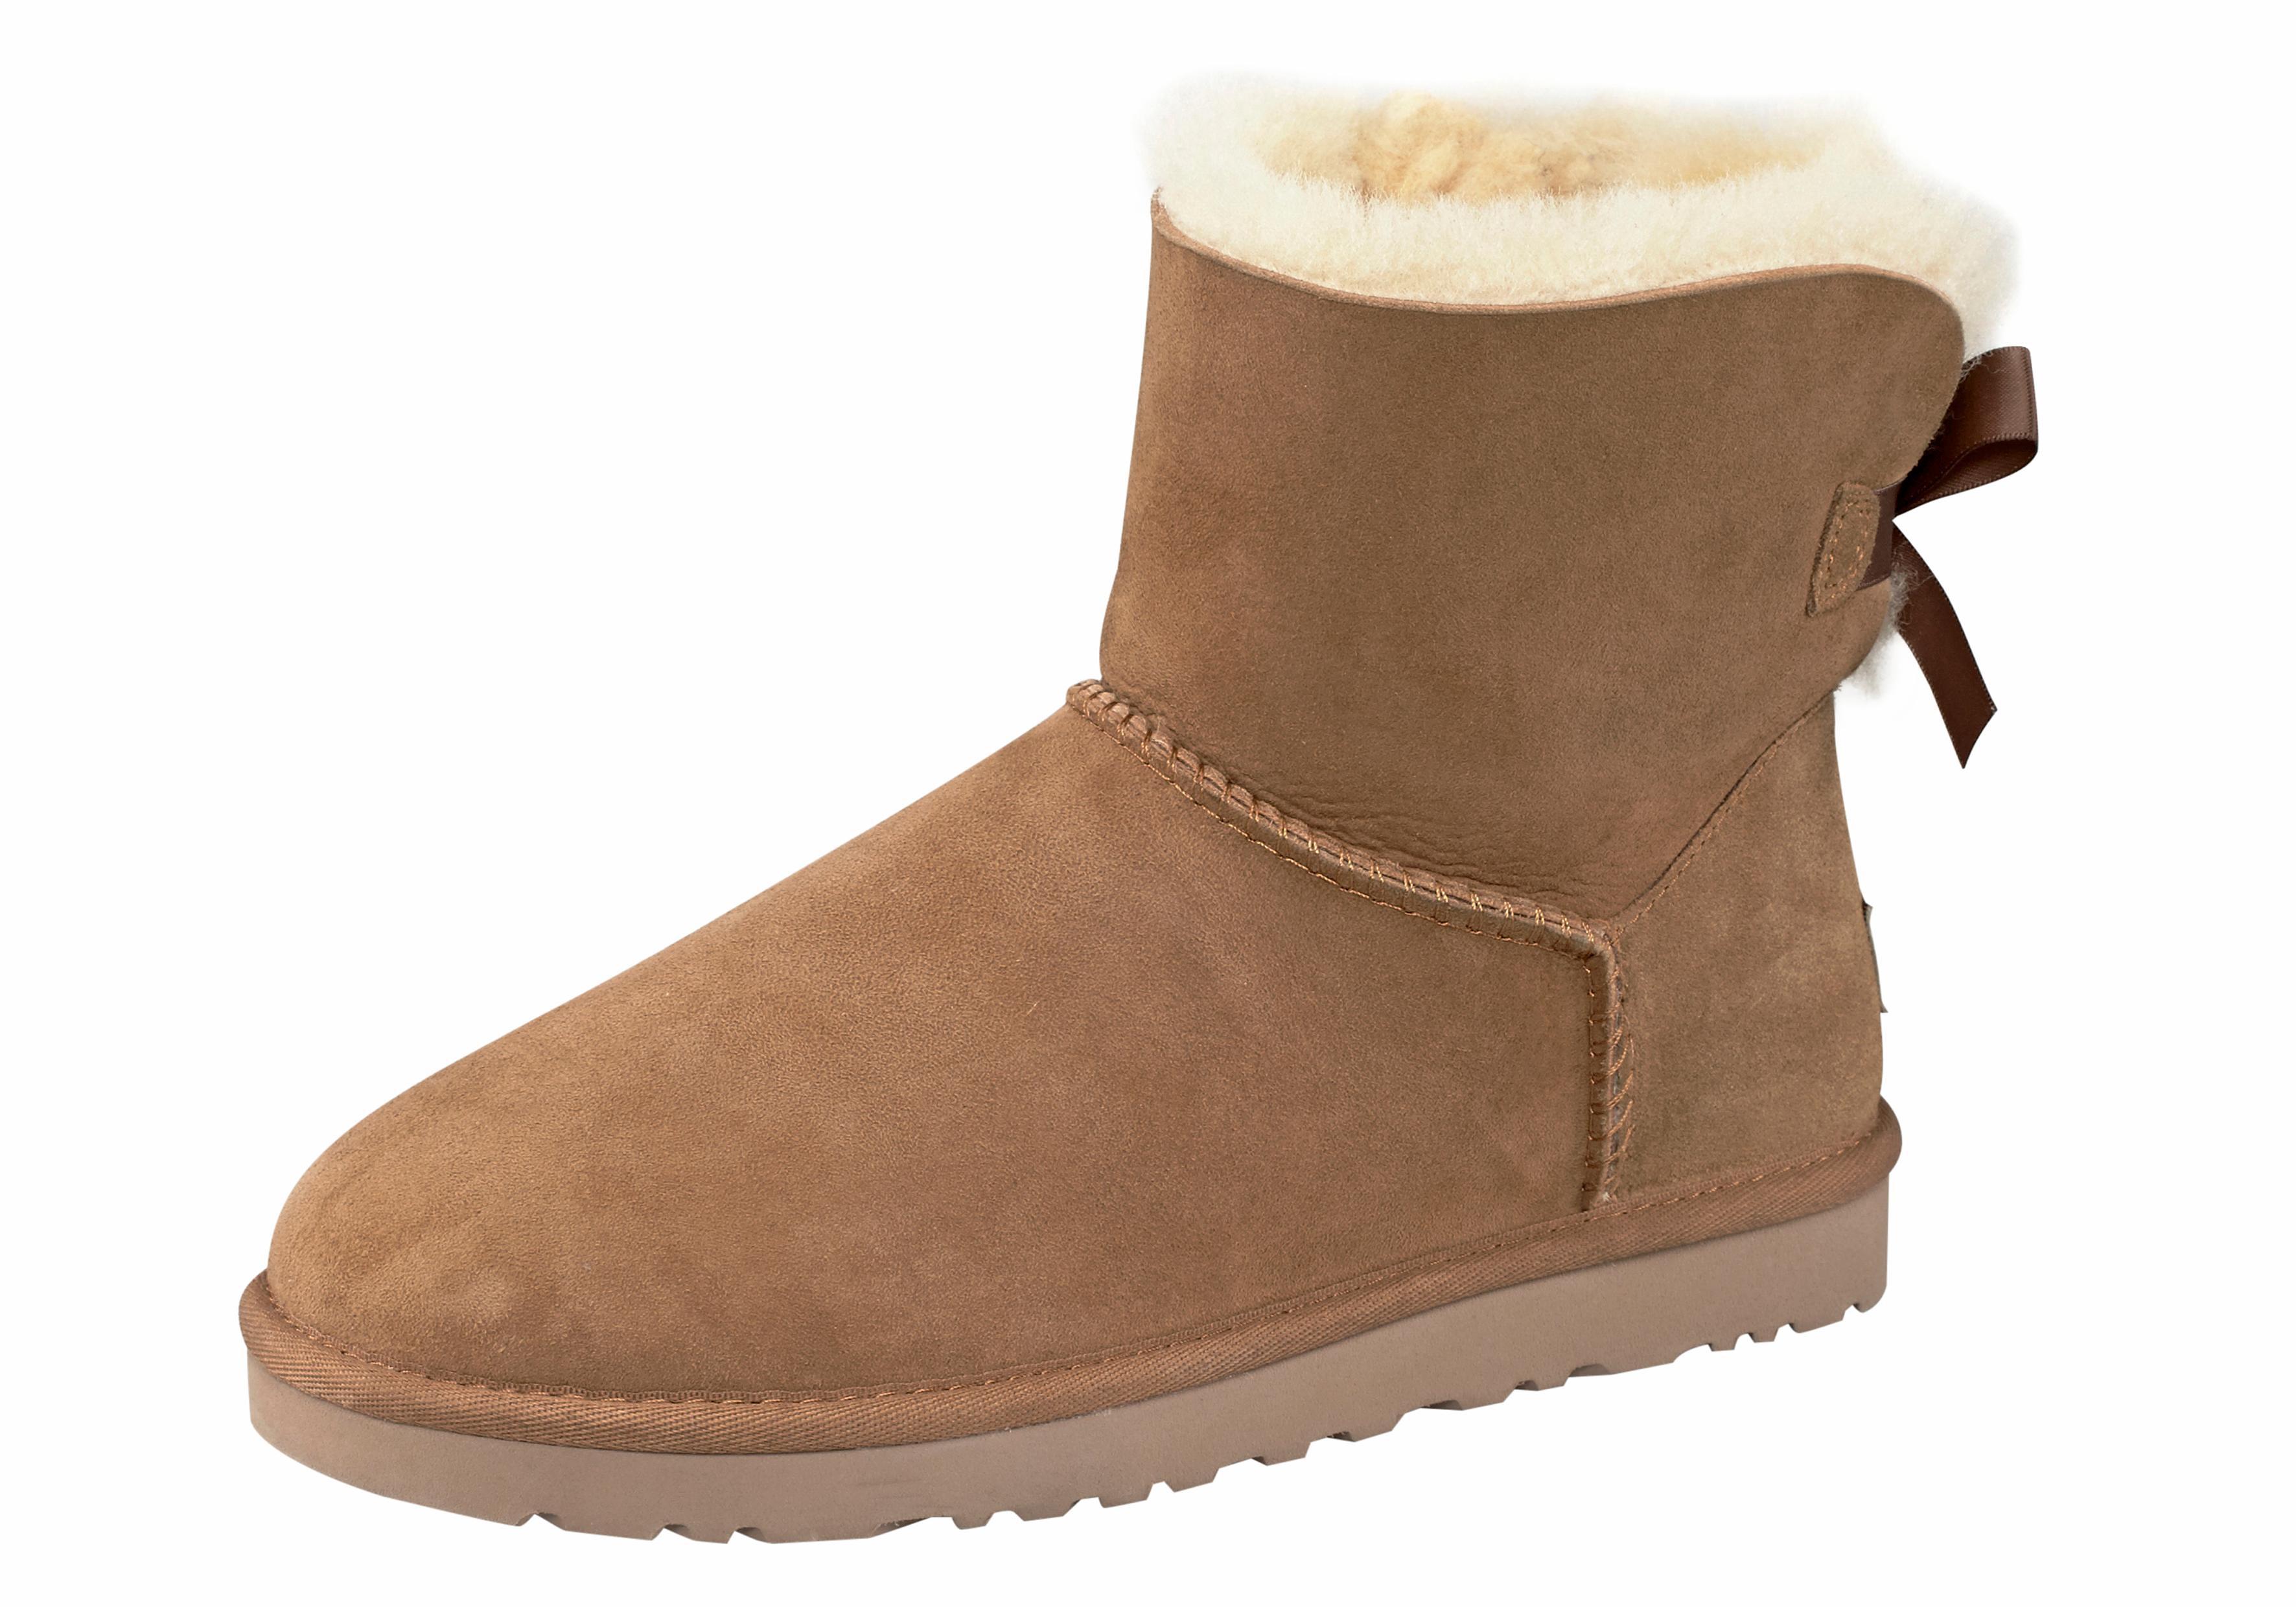 Ugg boots zonder sluiting »Mini Bailey Bow 2« voordelig en veilig online kopen